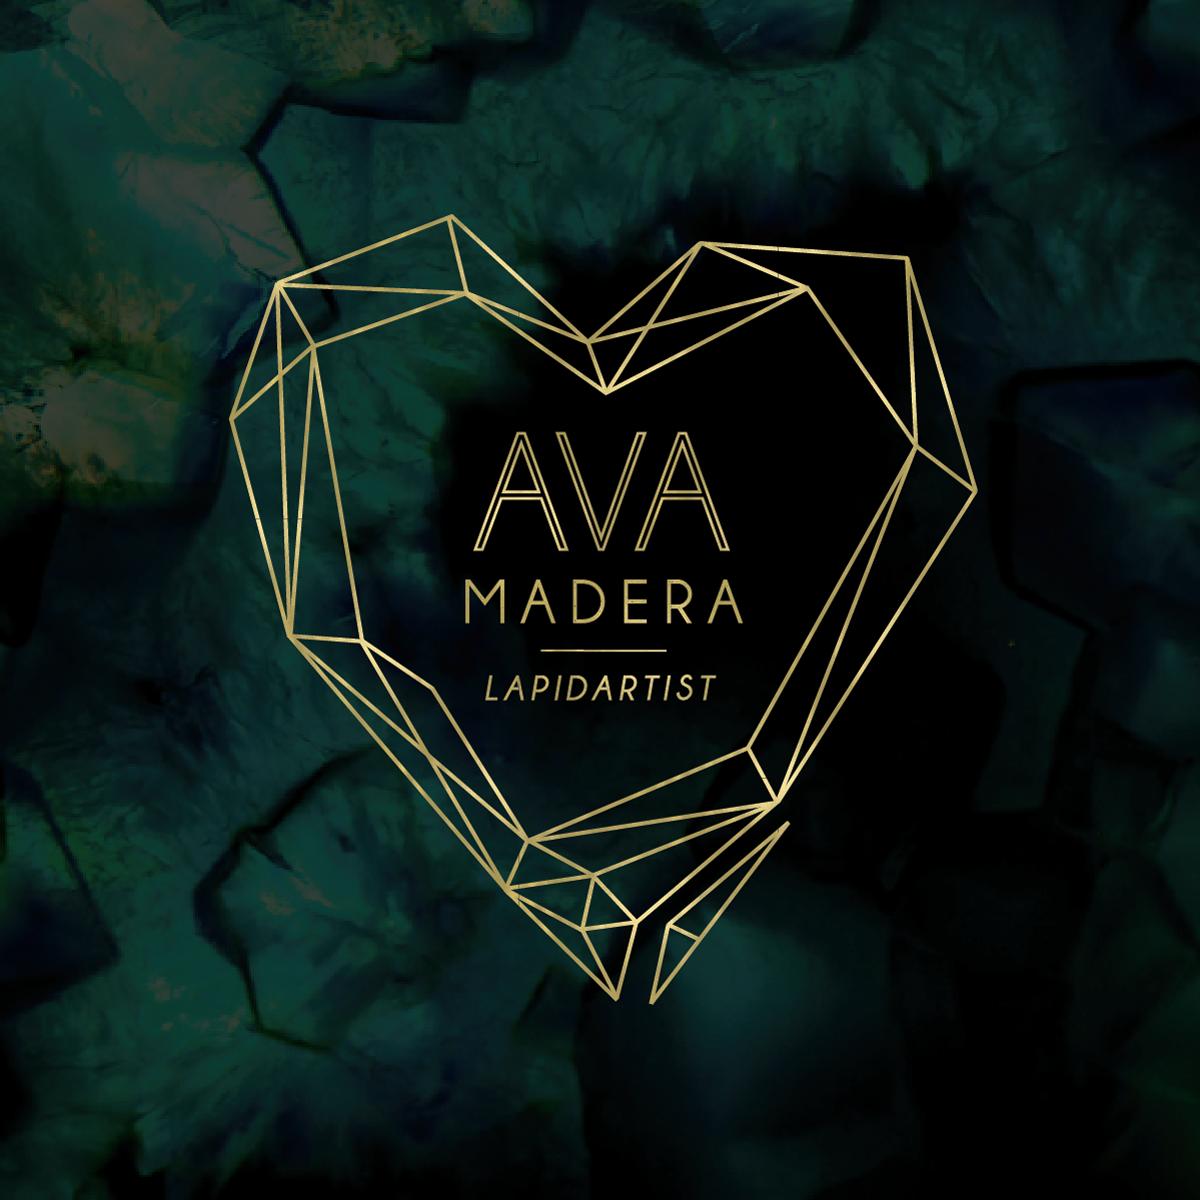 AVAMADERA_2.png